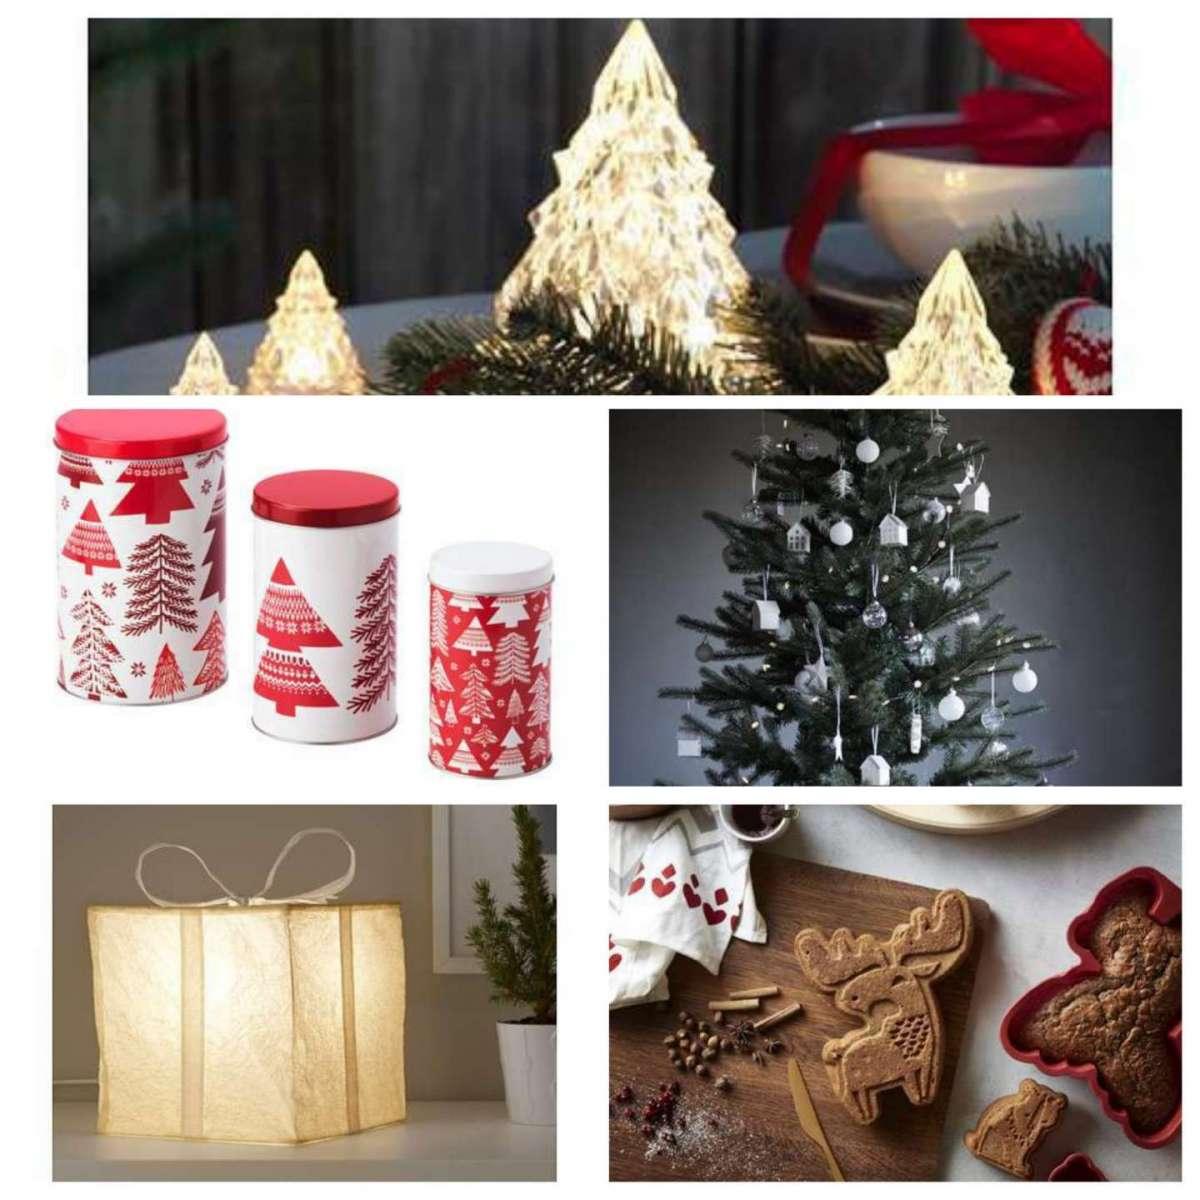 Ikea natale 2017 le decorazioni e gli accessori a tema - Decorazioni natalizie ikea 2017 ...